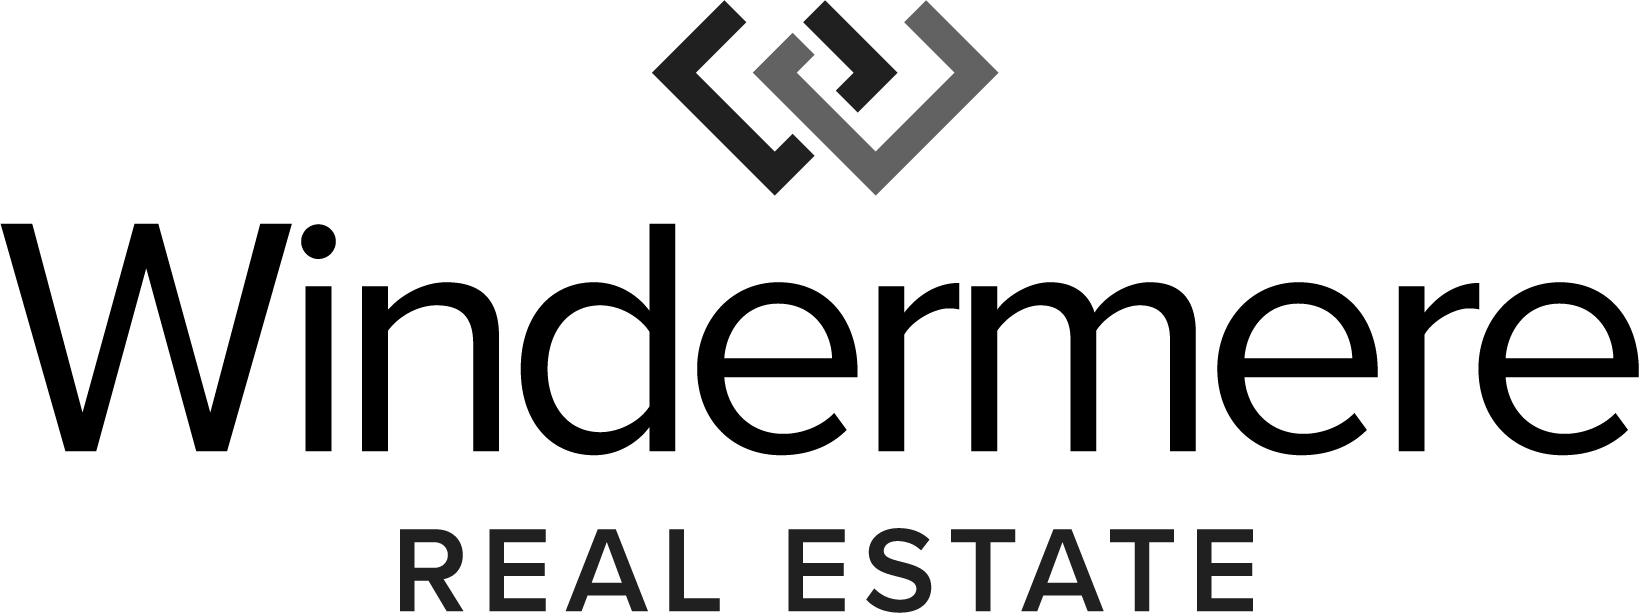 Windermere Real Estate